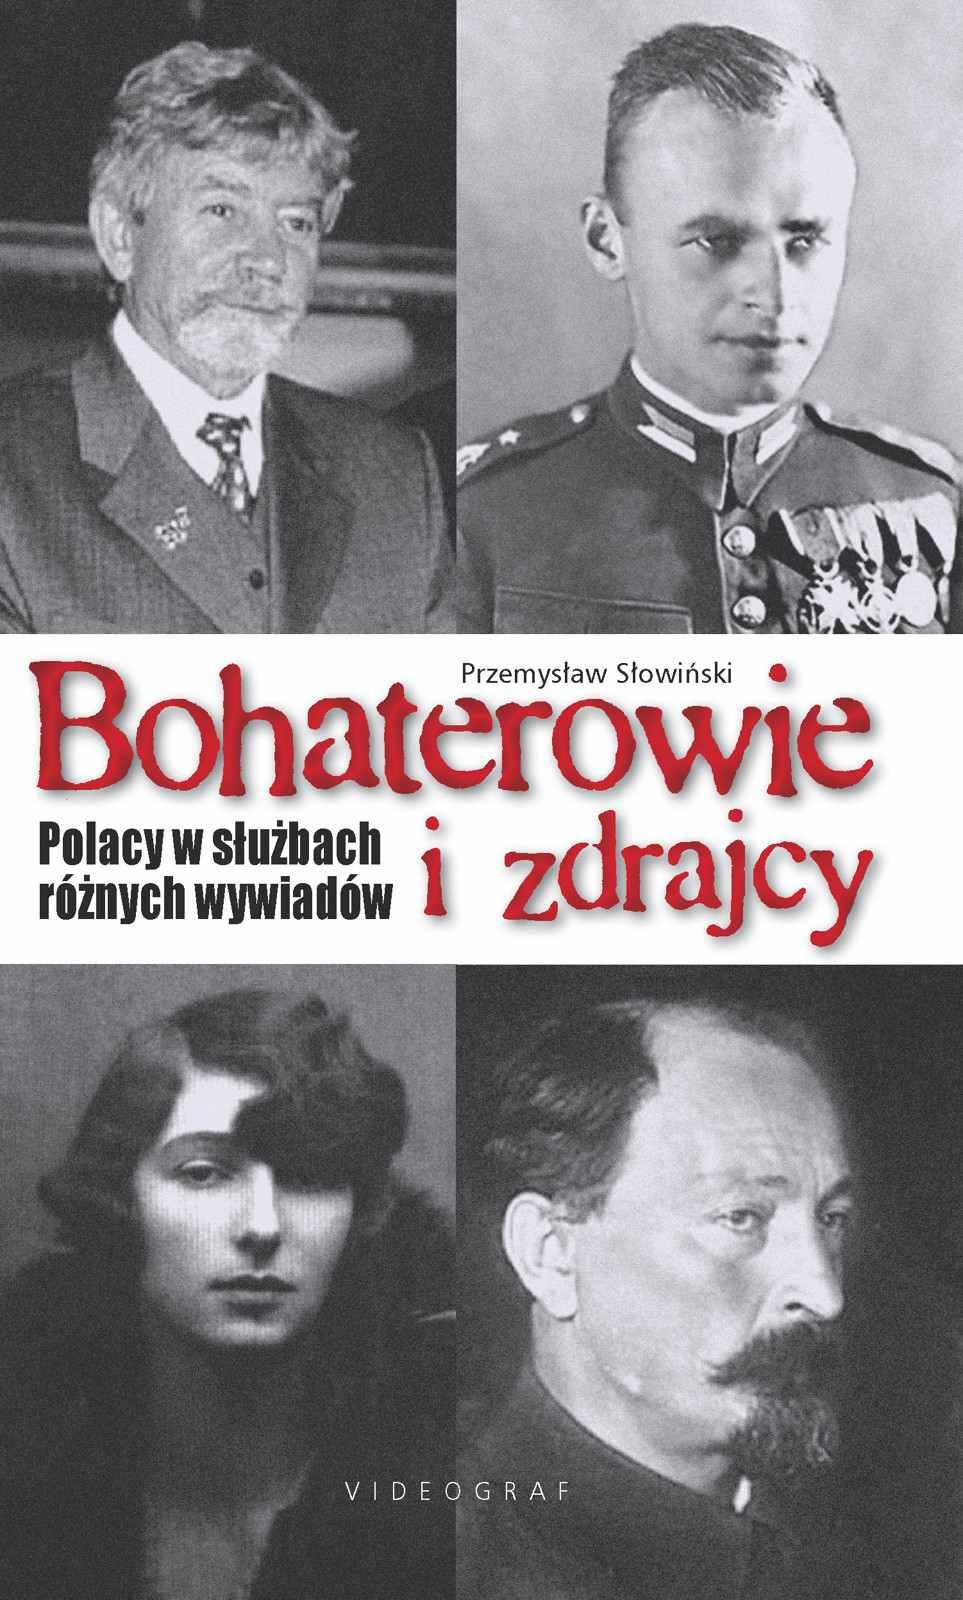 Bohaterowie i zdrajcy. Polacy w służbach różnych wywiadów - Ebook (Książka EPUB) do pobrania w formacie EPUB